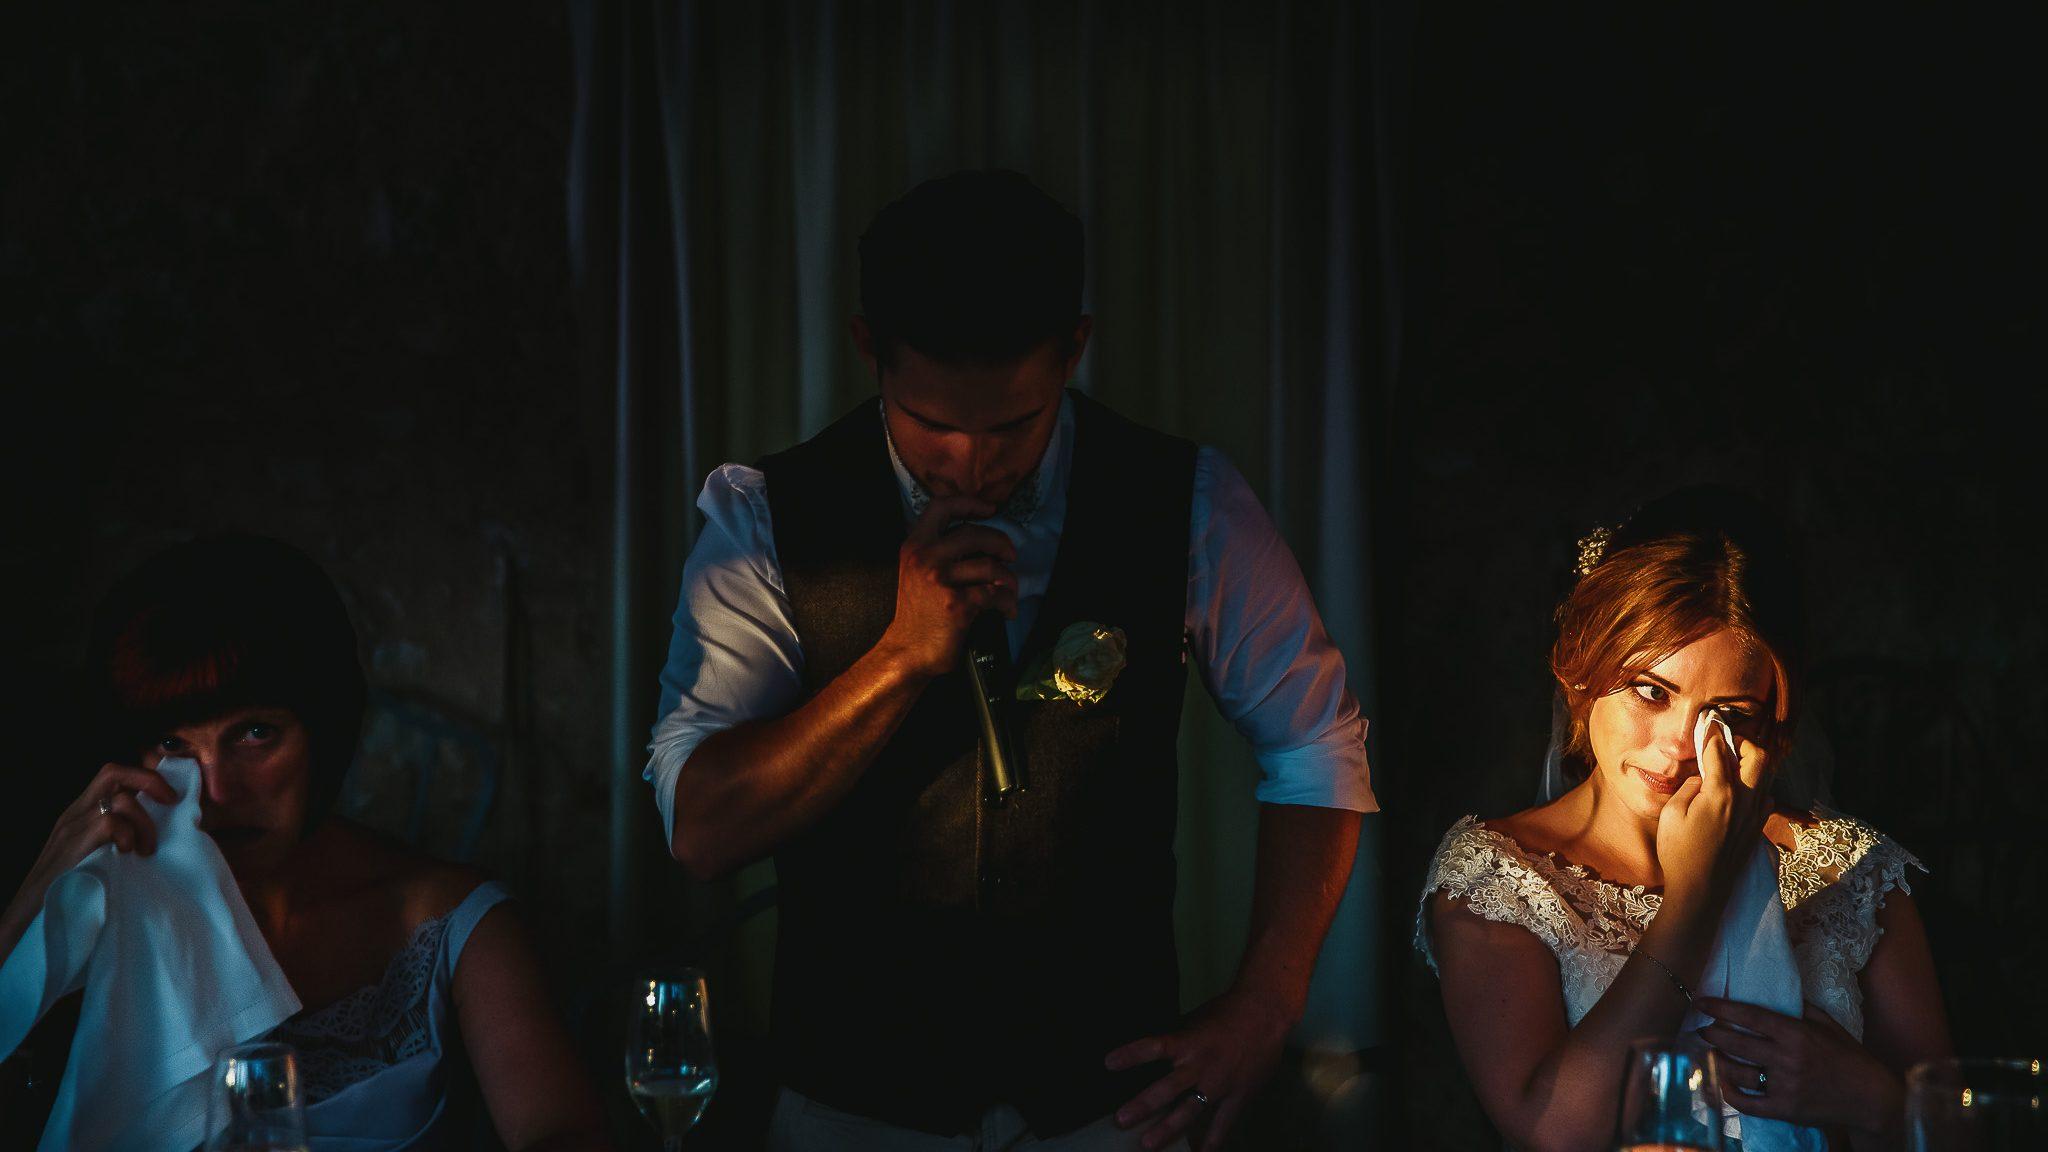 fotografare matrimoni in luce ambiente significa cogliere questo raggio di sole che illumina il viso emozionato della sposa durante il discorso dello sposo al ricevimento